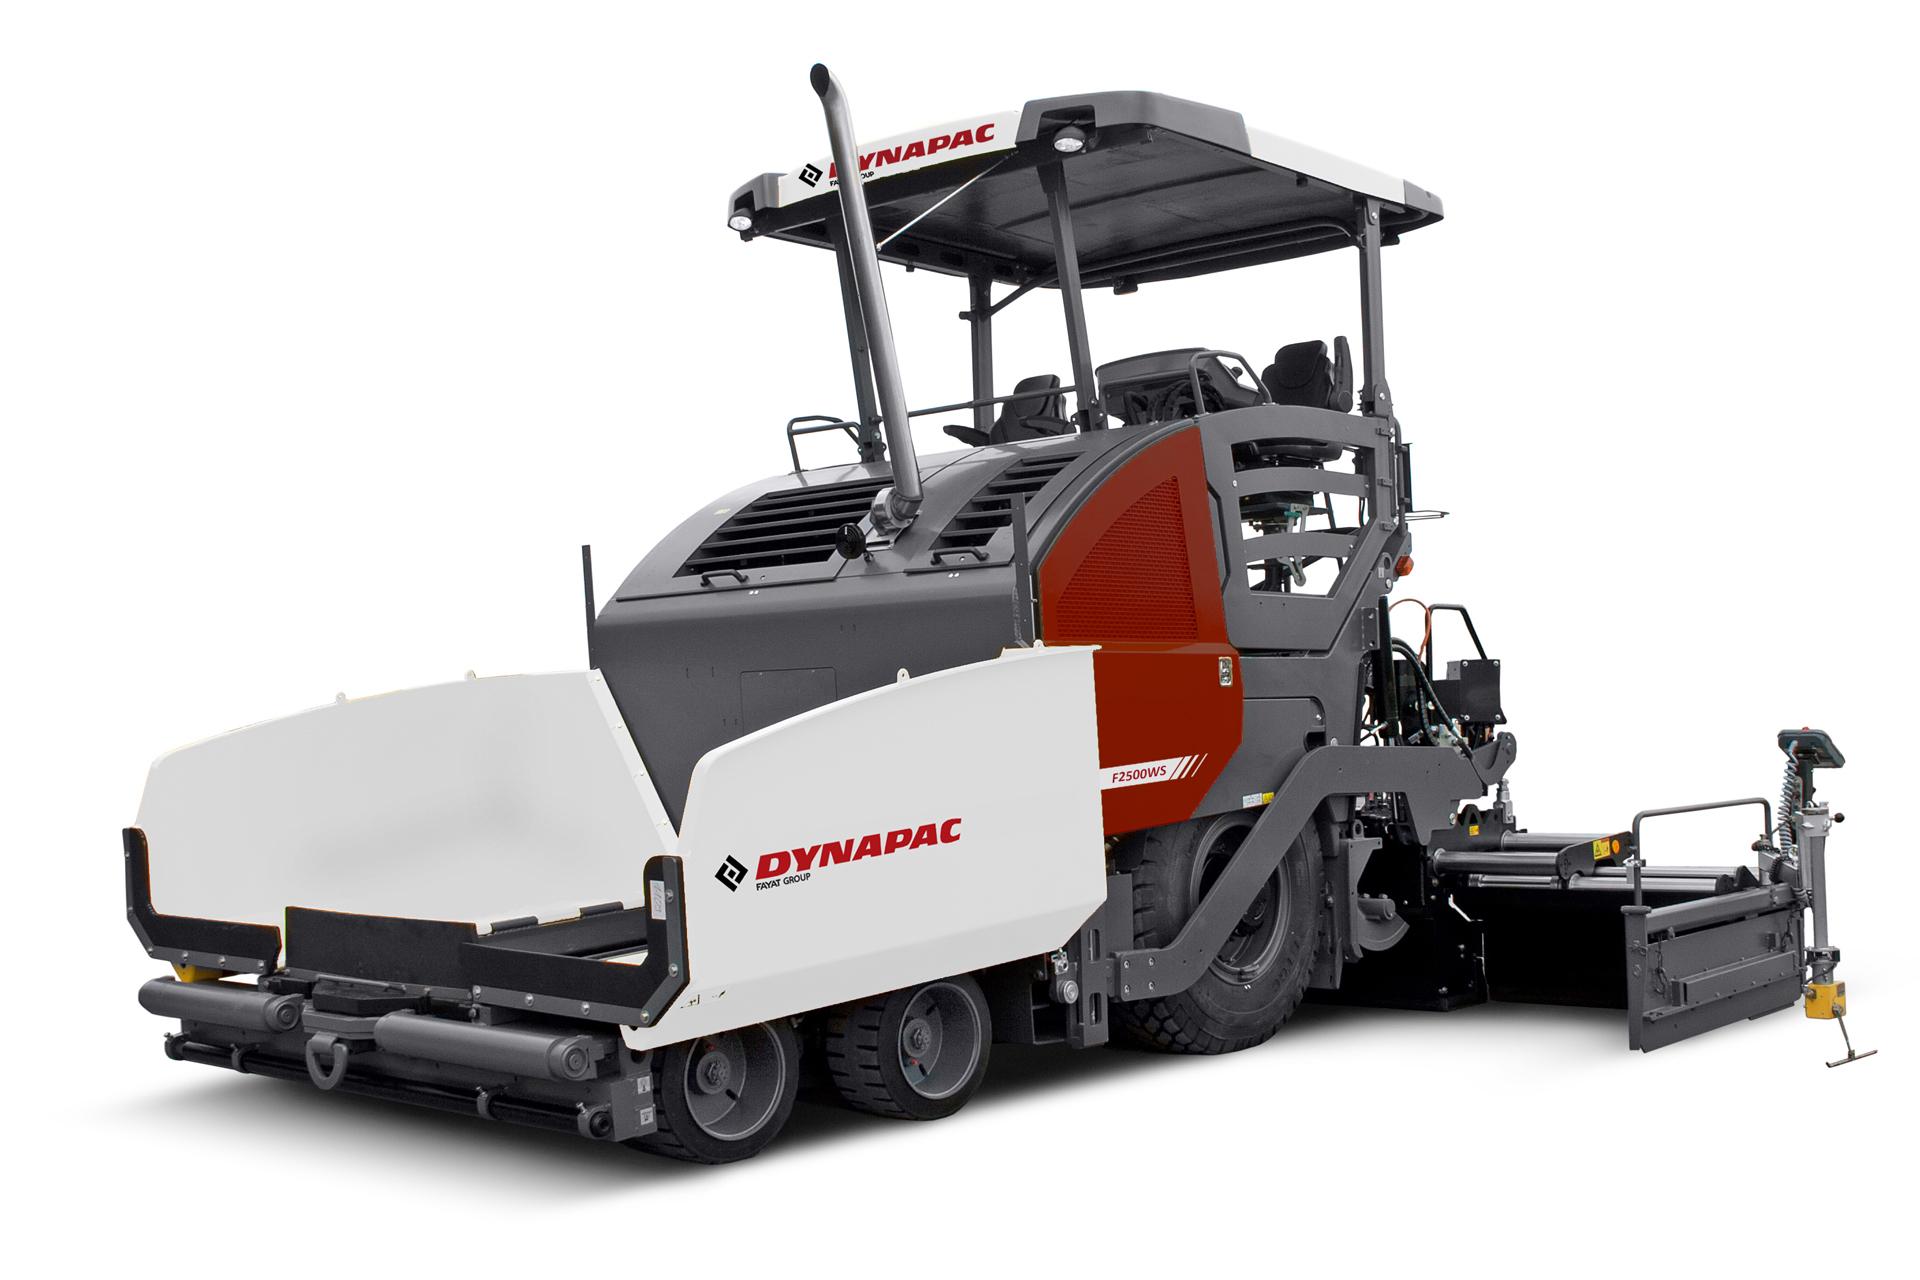 Dynapac Dynapac F2500WS